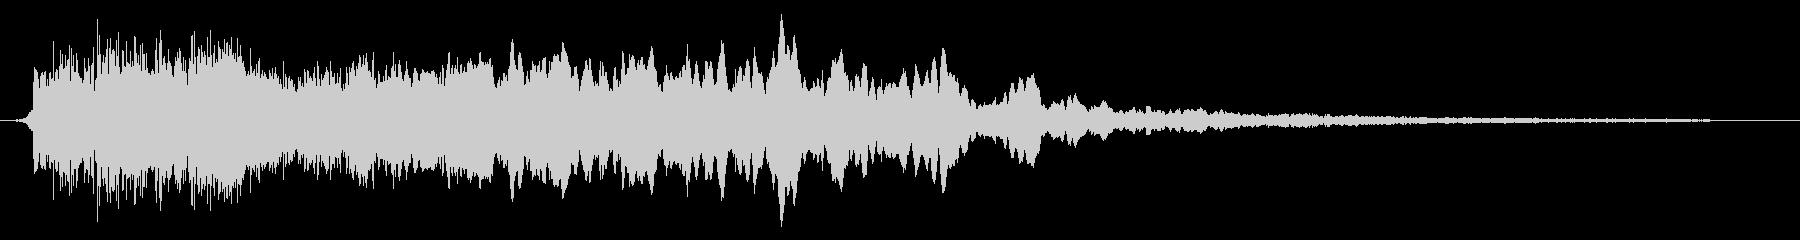 お化け屋敷や幽霊のような恐怖の効果音01の未再生の波形